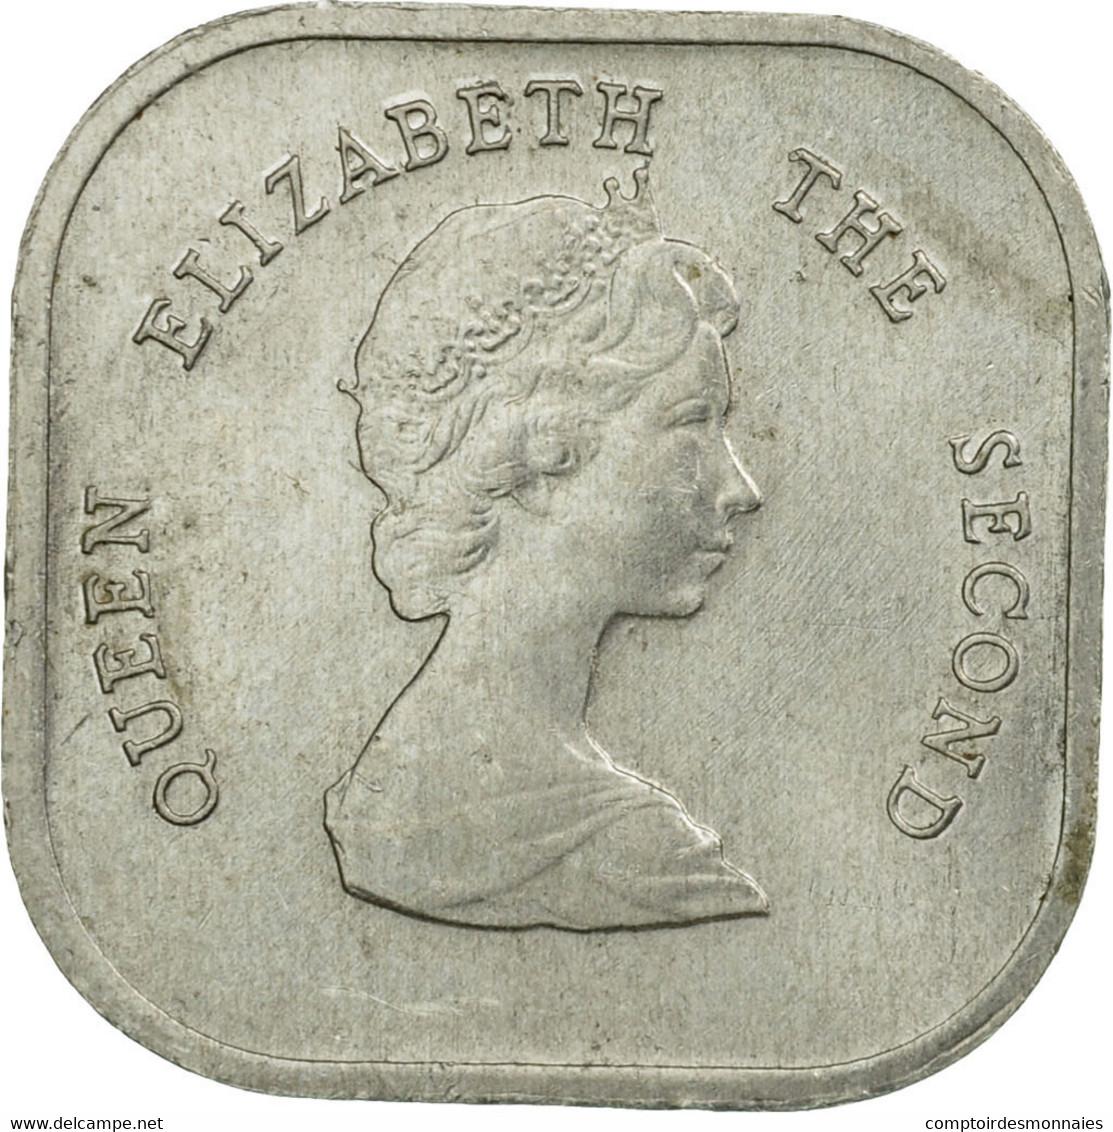 Monnaie, Etats Des Caraibes Orientales, Elizabeth II, 2 Cents, 1986, TTB - Caraïbes Orientales (Etats Des)